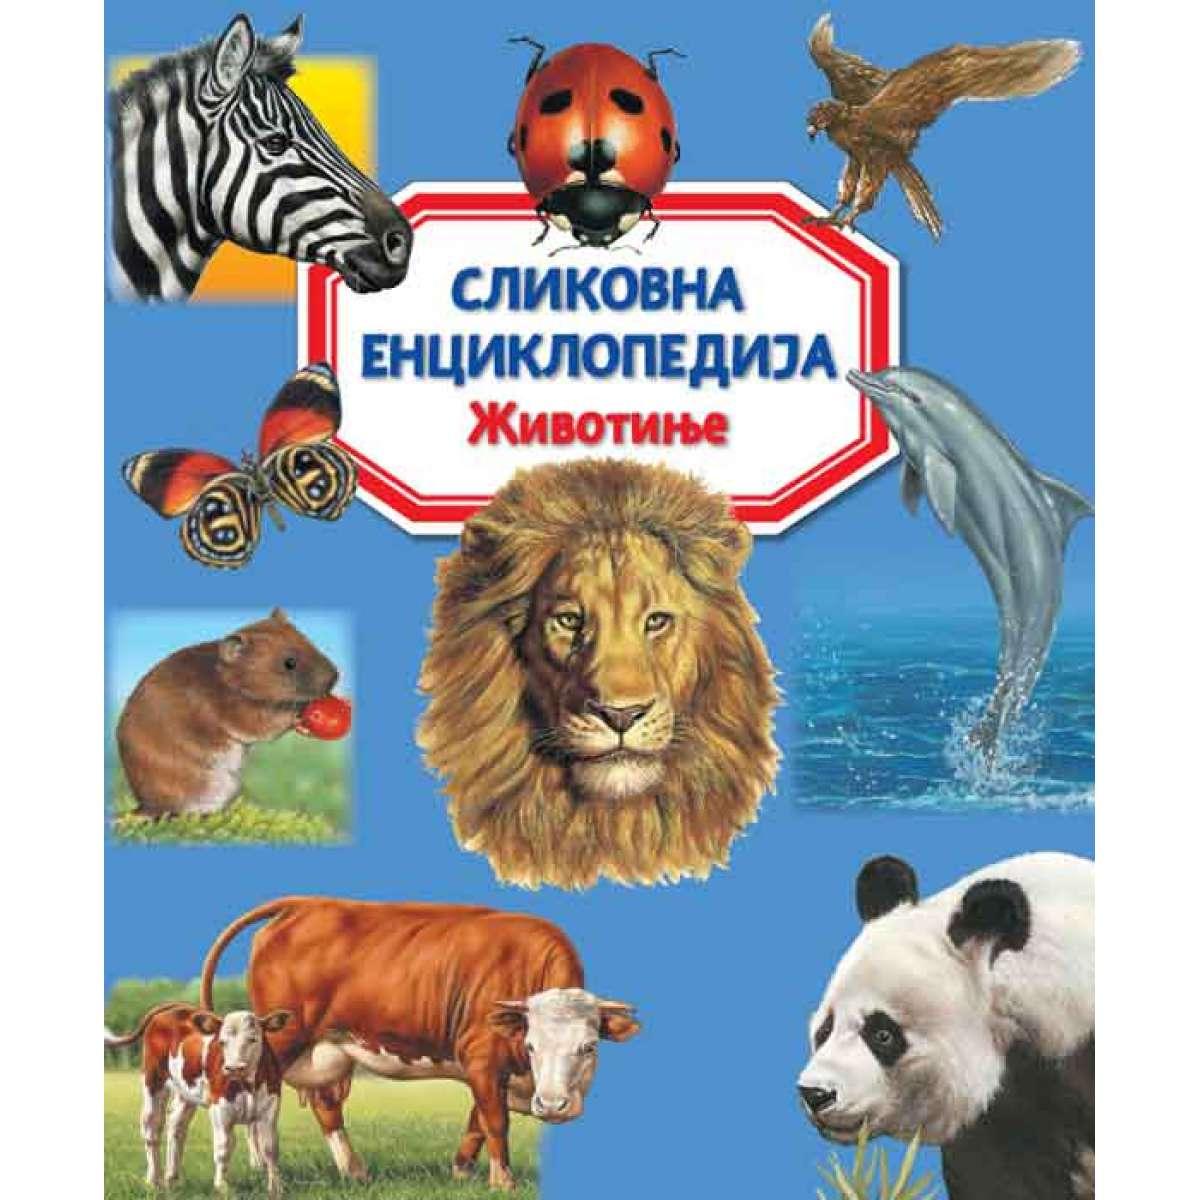 Slikovna enciklopedija: Životinje